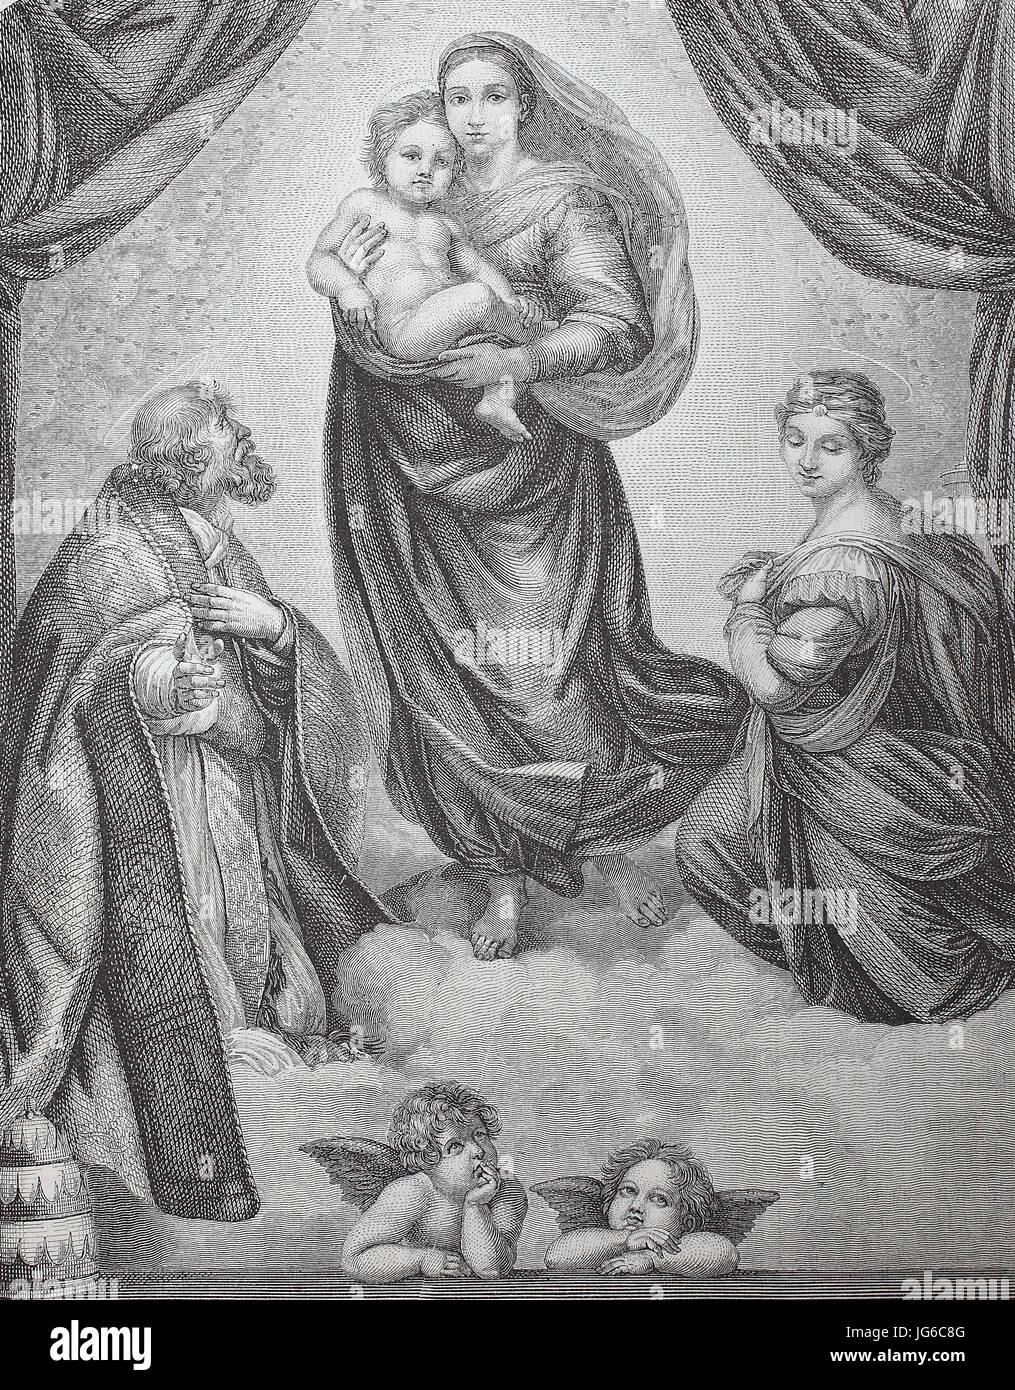 Amélioration numérique:, La Vierge Sixtine, aussi appelée la Madonna di San Sisto, est une Photo Stock